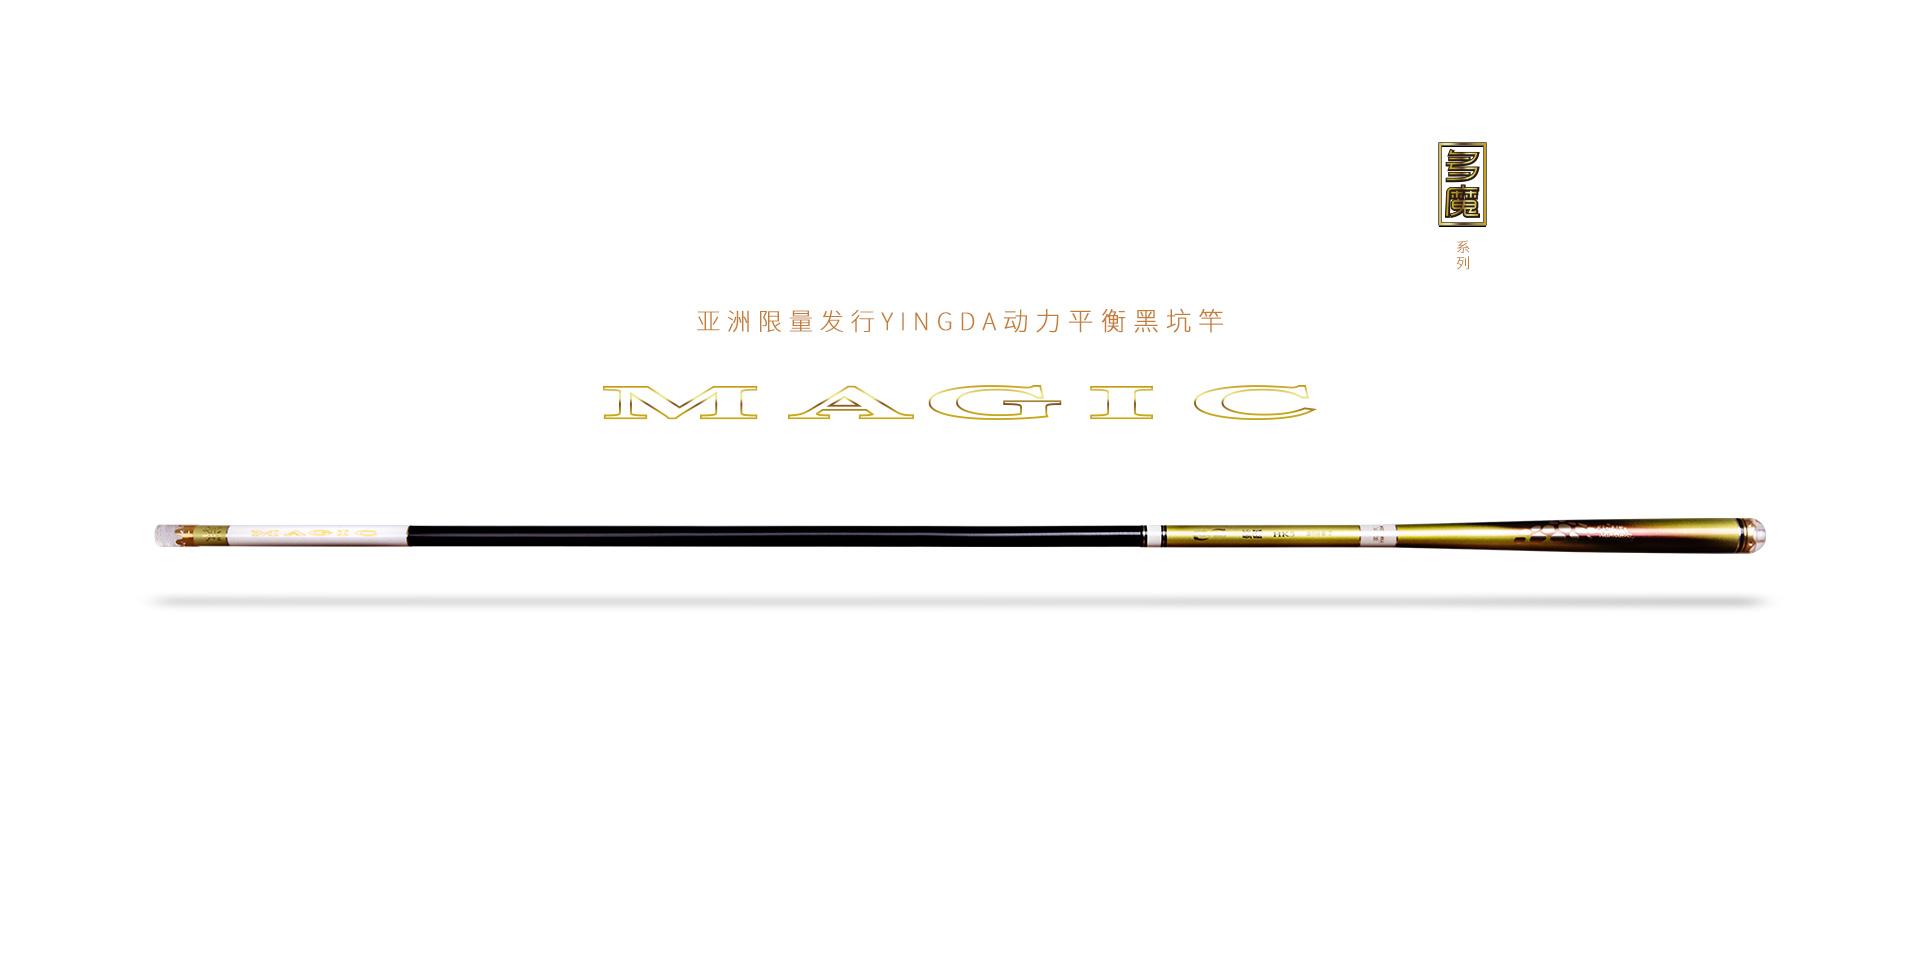 英大钓具亚洲限量发行YINGDA・MAGIC・动力平衡黑坑系列新品――多魔・HK5,品质型动力平衡黑坑竿。